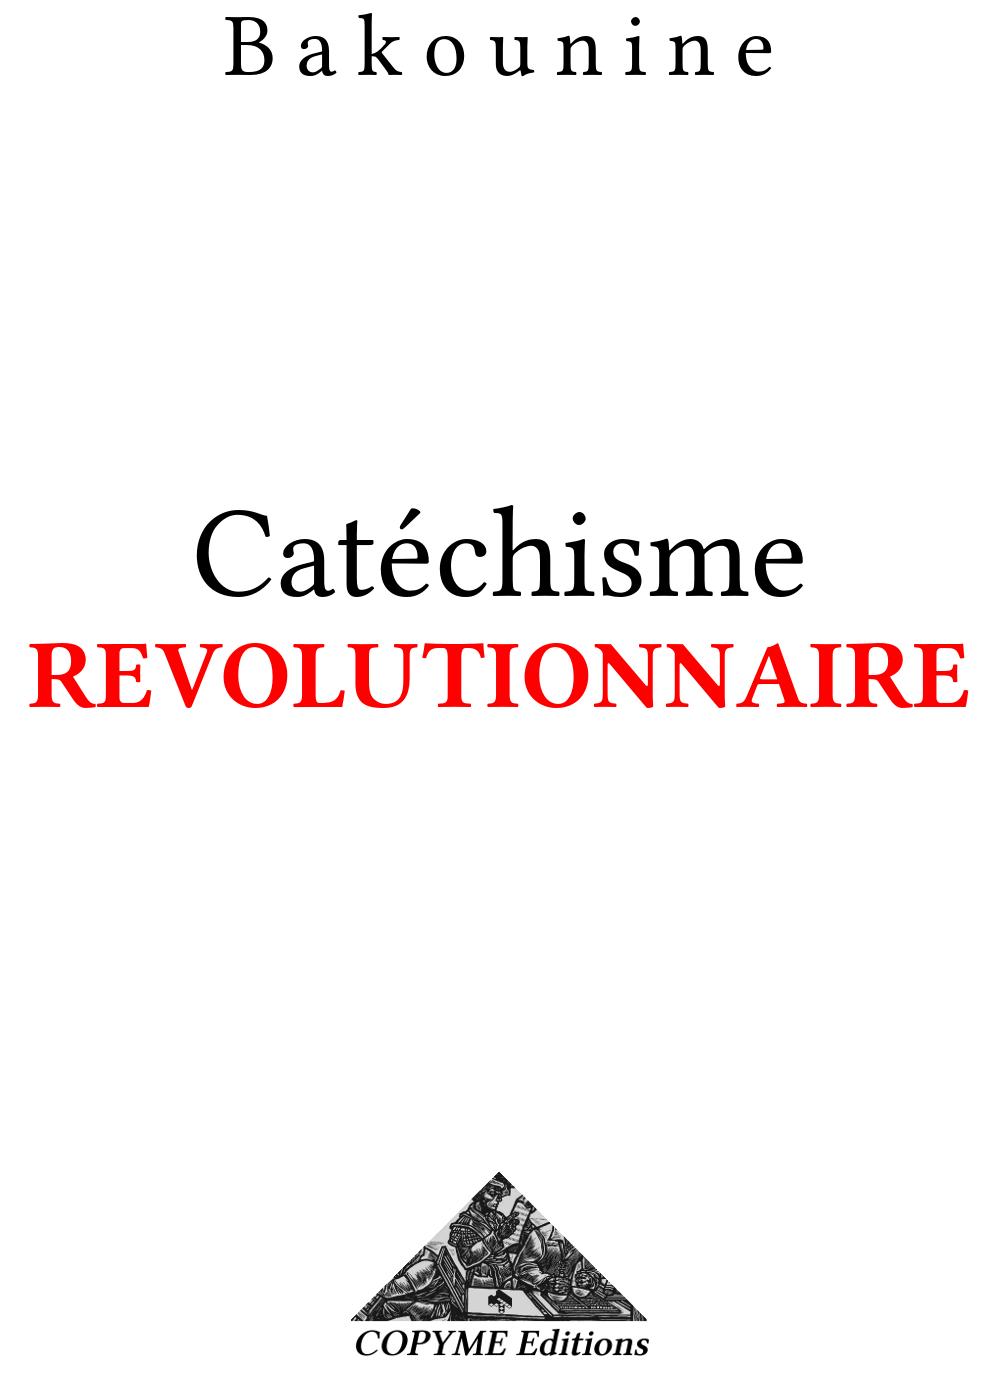 Bakounine - Catéchisme révolutionnaire/book/OEBPS/Images/cover.png